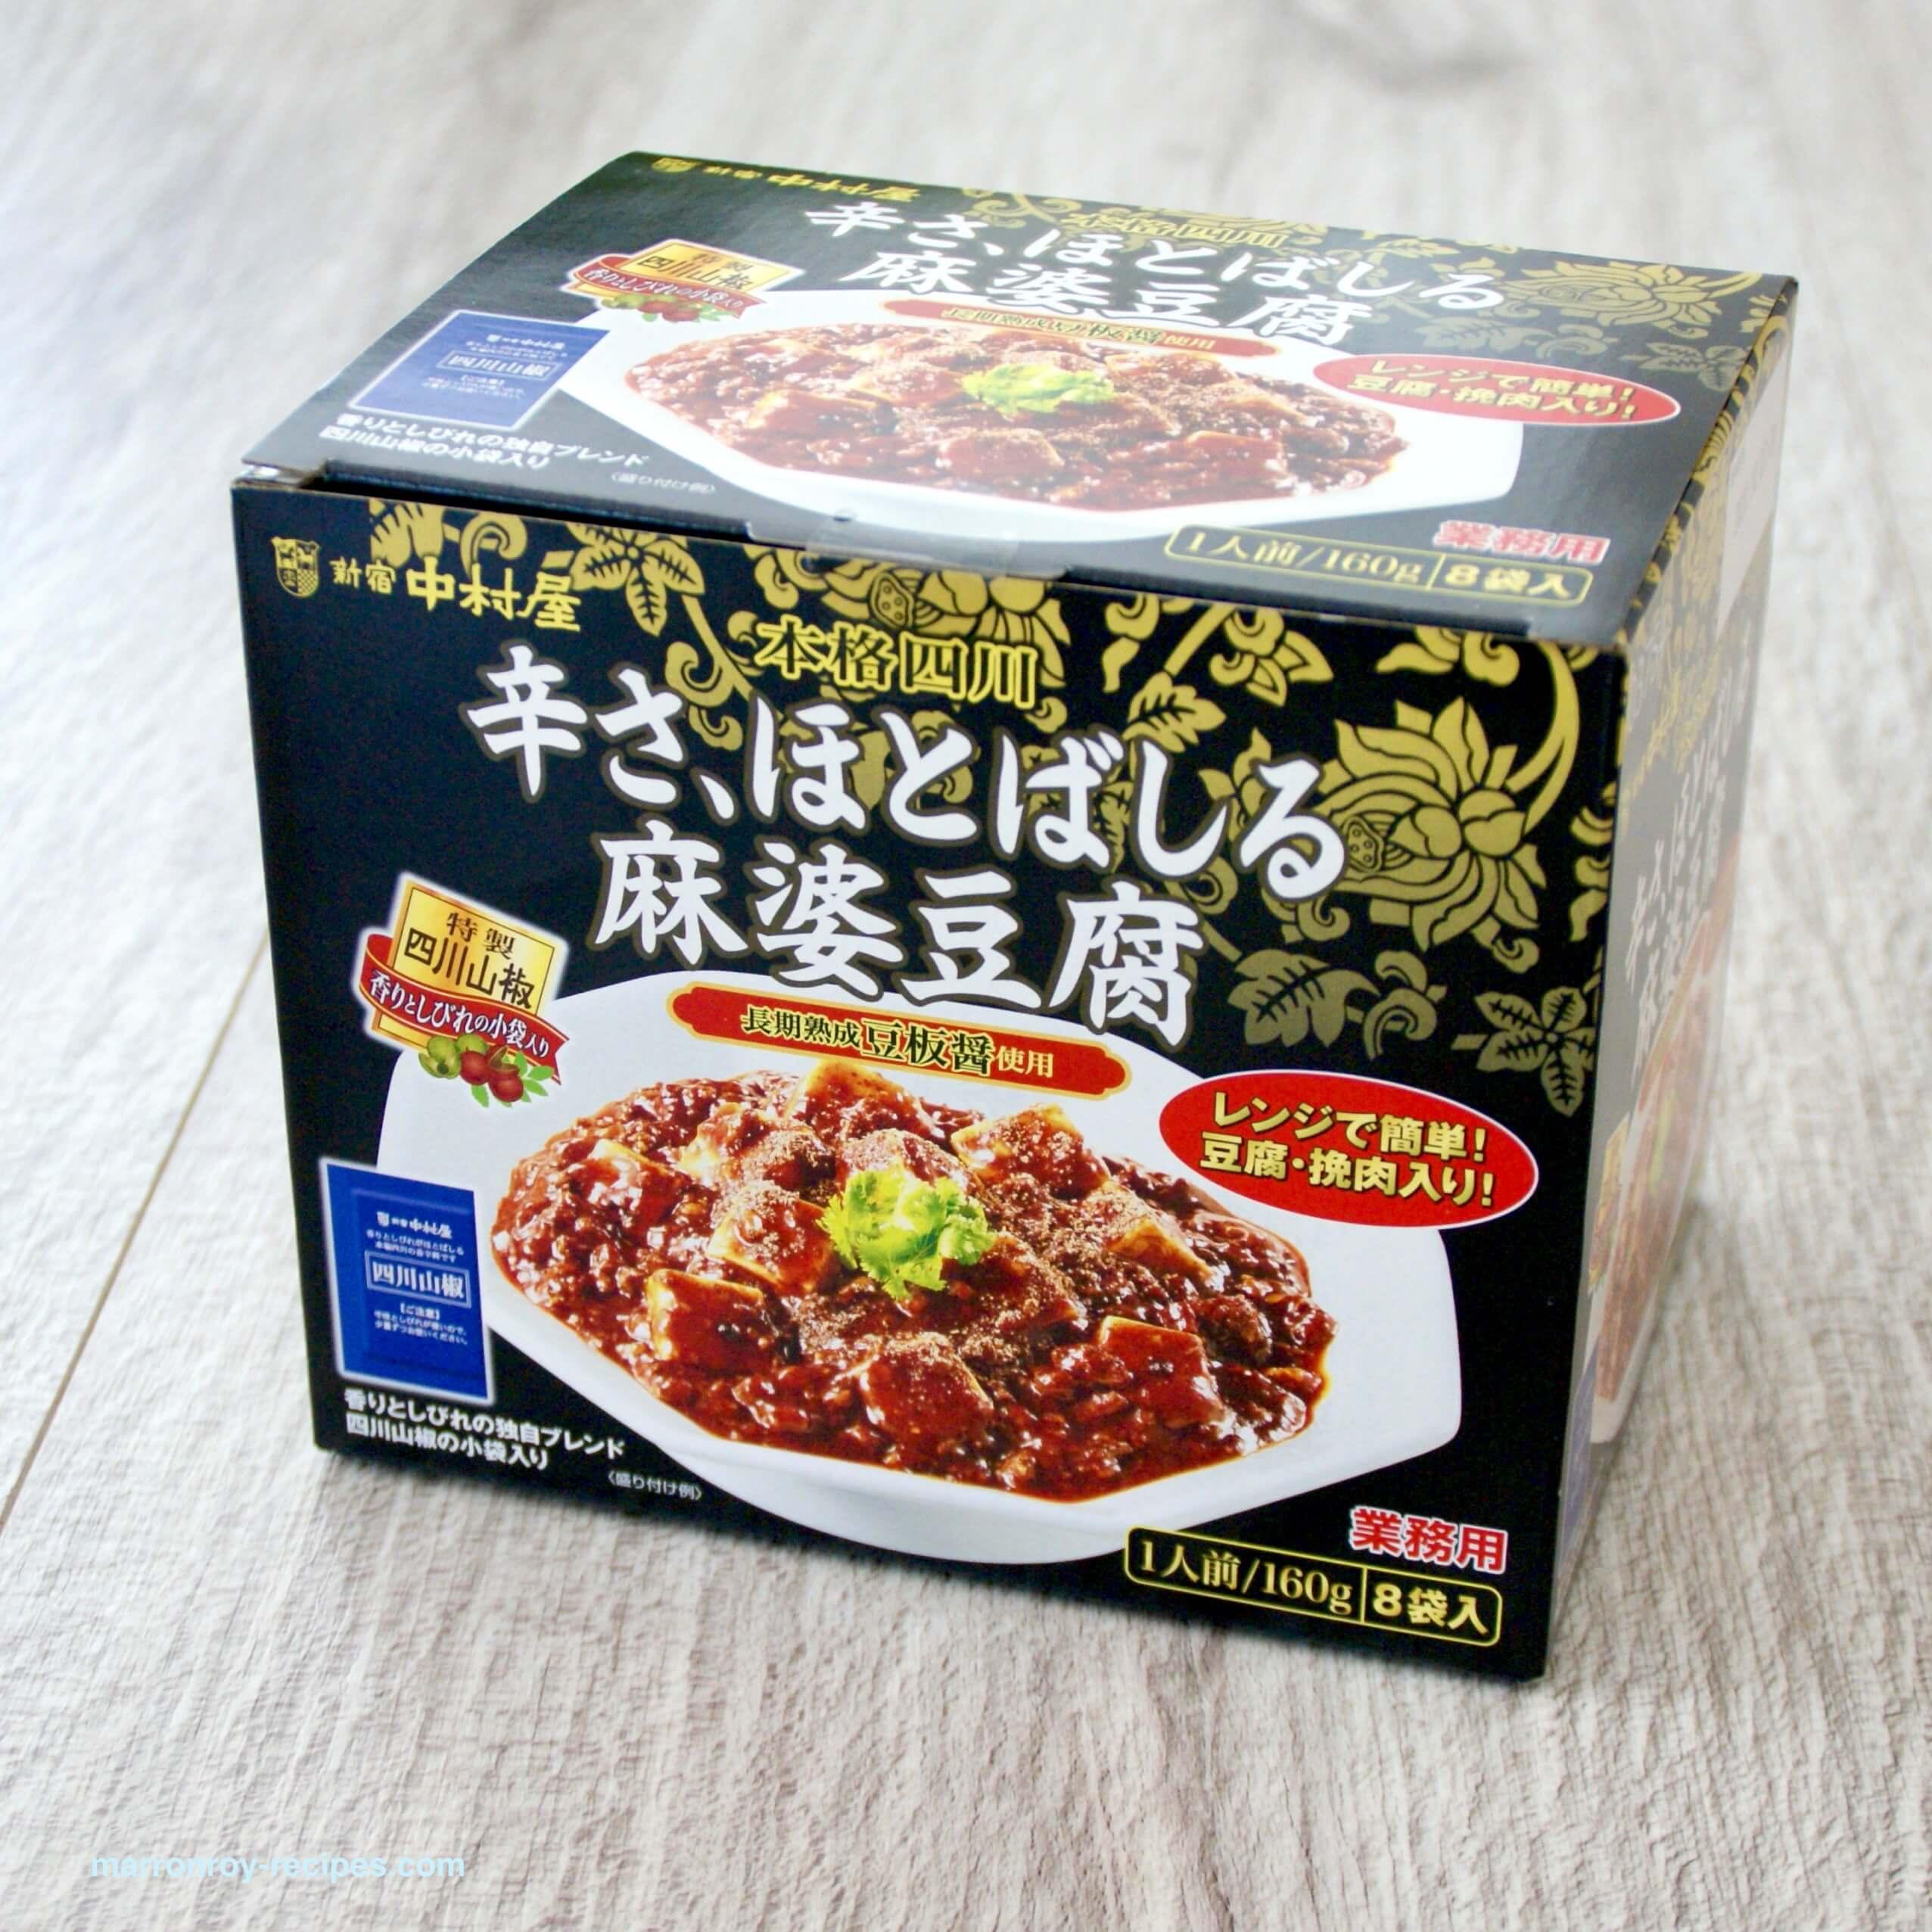 """コストコ新商品!新宿中村屋 本格四川""""辛さ、ほとばしる麻婆豆腐""""ってどんなもの?"""